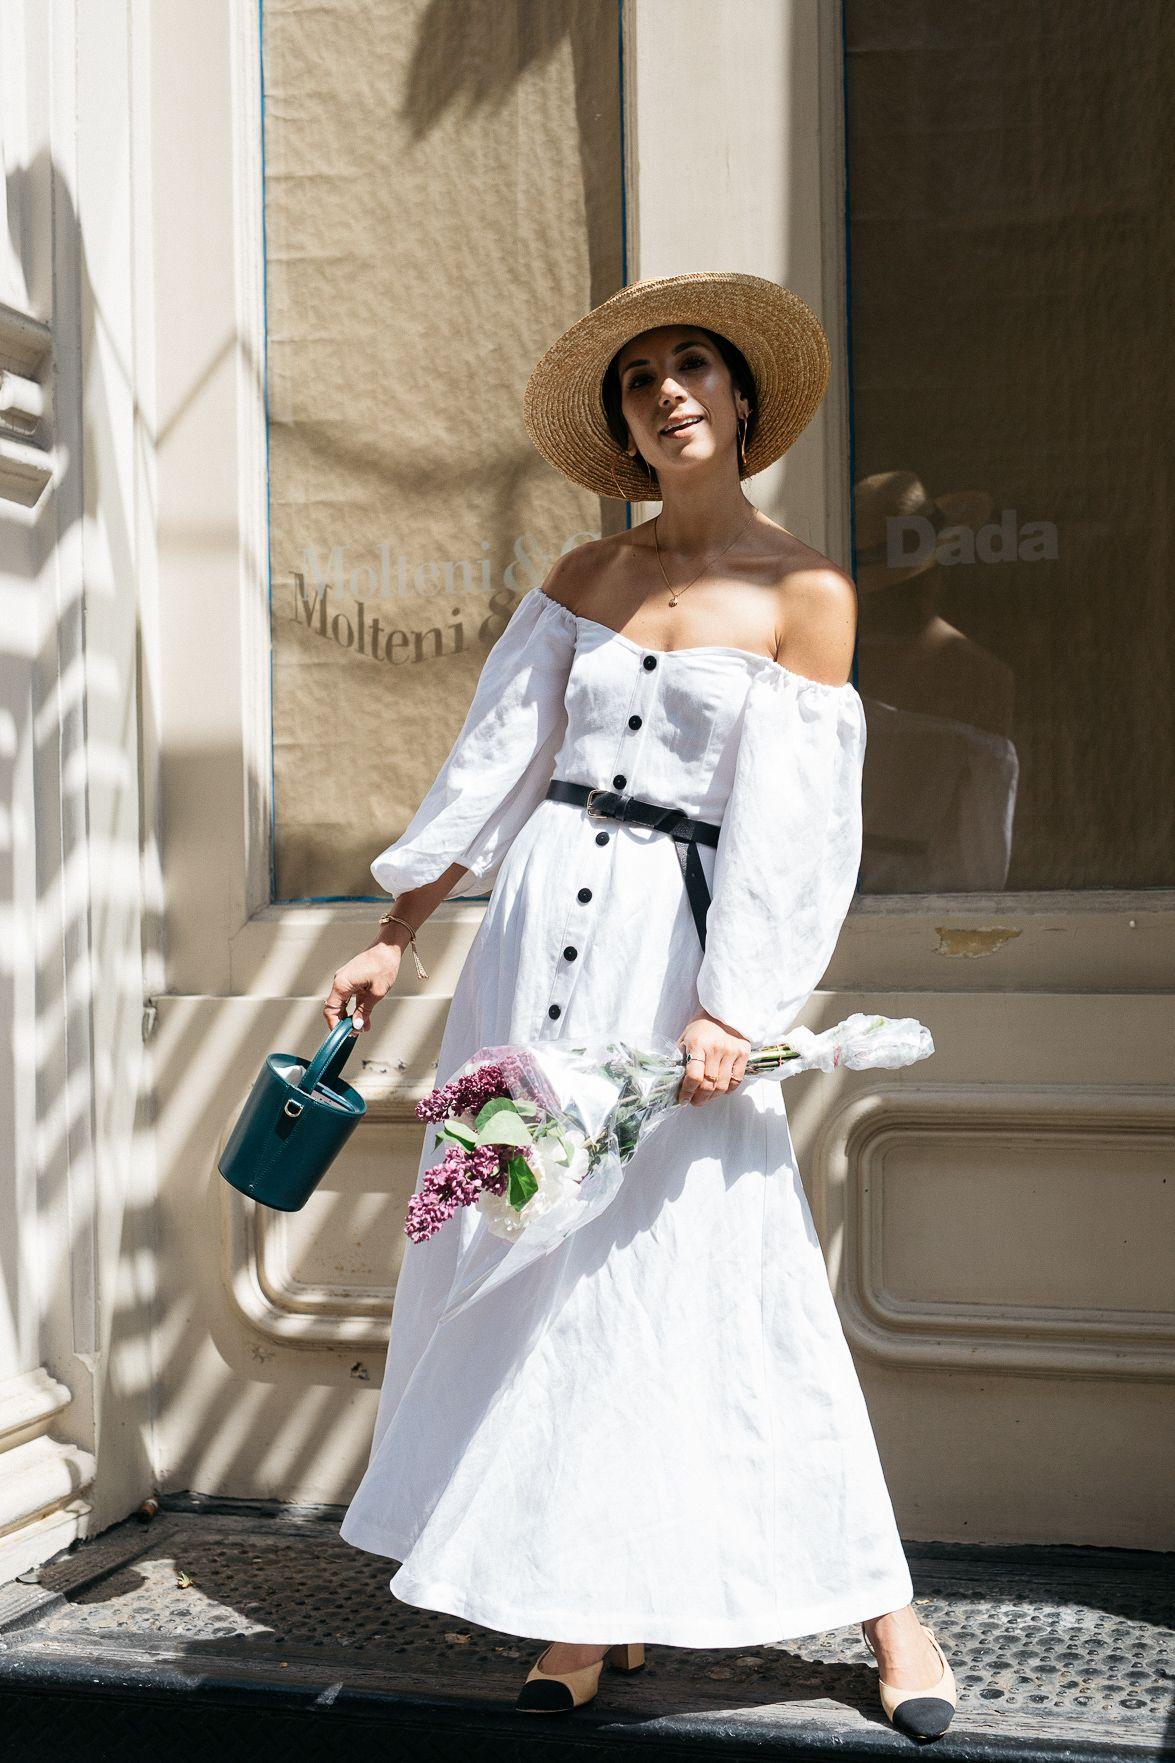 Freitag Favoriten Kleine Weisse Kleider Favoriten Freitag Kleider Kleine Little White Dresses White Dress Dresses